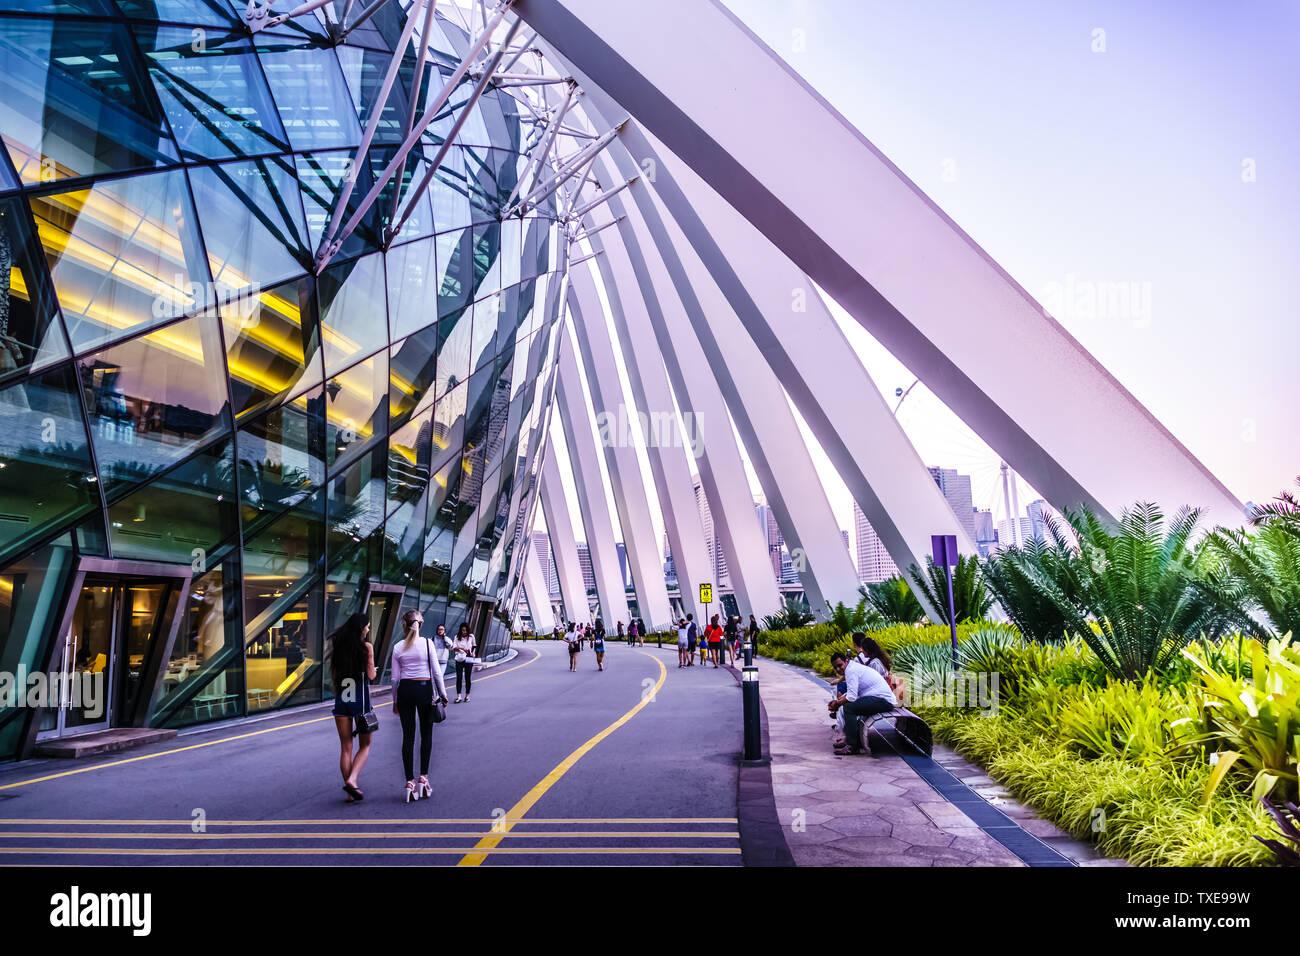 Singapur - Mar 15, 2019: los jardines junto a la bahía, las características de la arquitectura exterior de la cúpula del flujo. Foto de stock